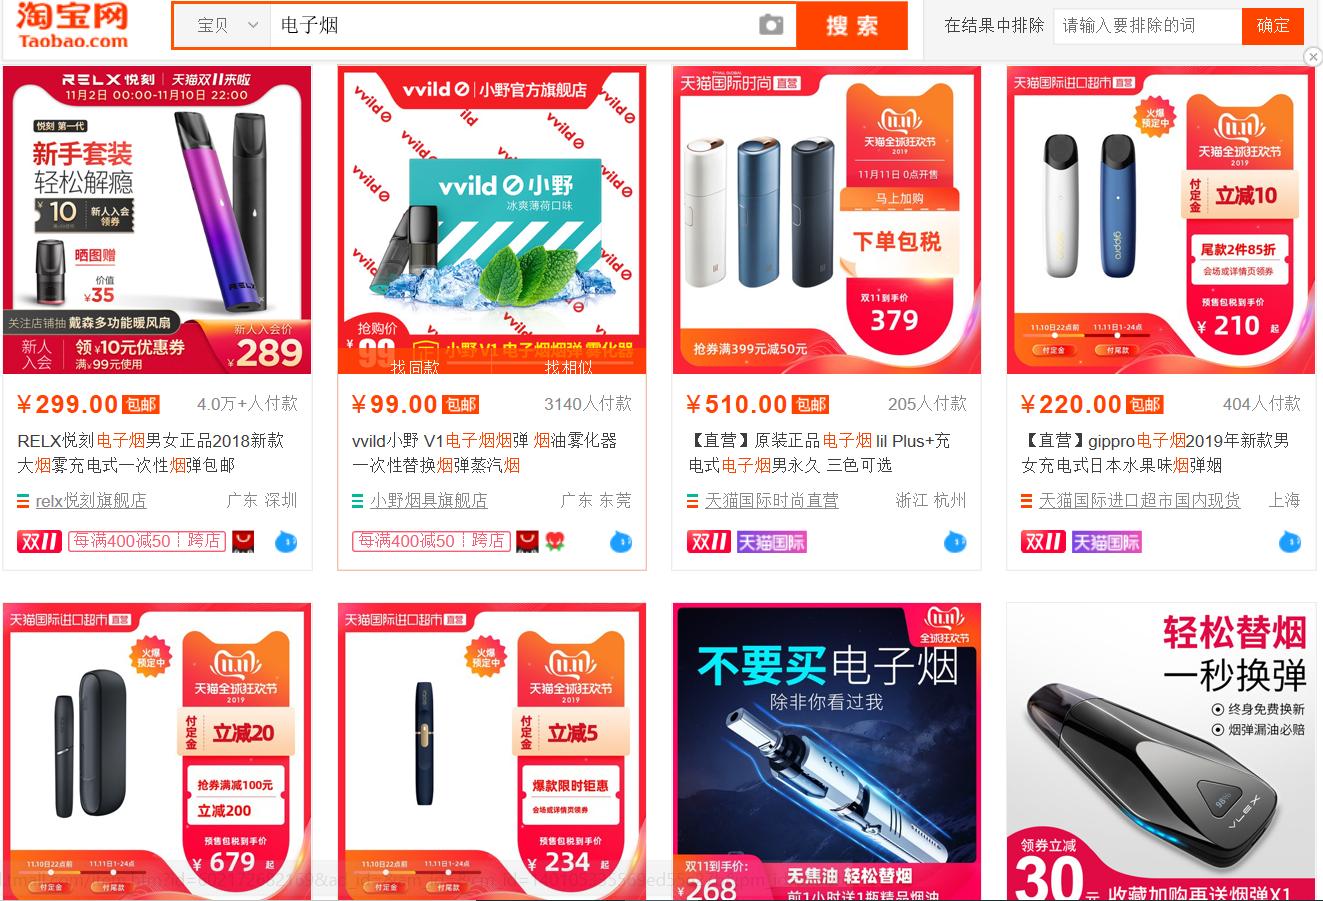 两部门敦促网售电子烟下架卖家:暂未收到通知